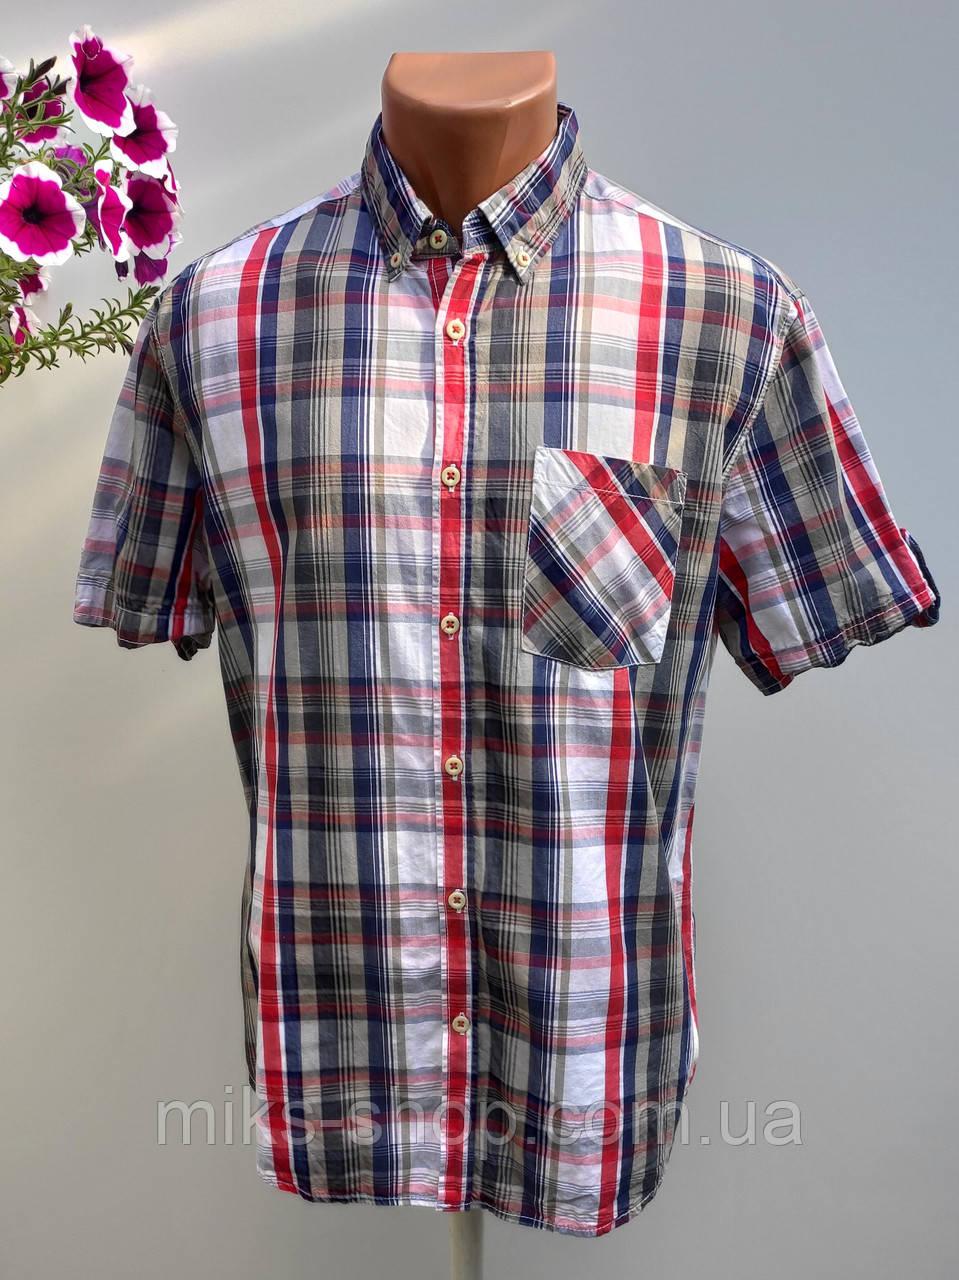 Чоловіча сорочка в клітку Розмір M ( Я-68)